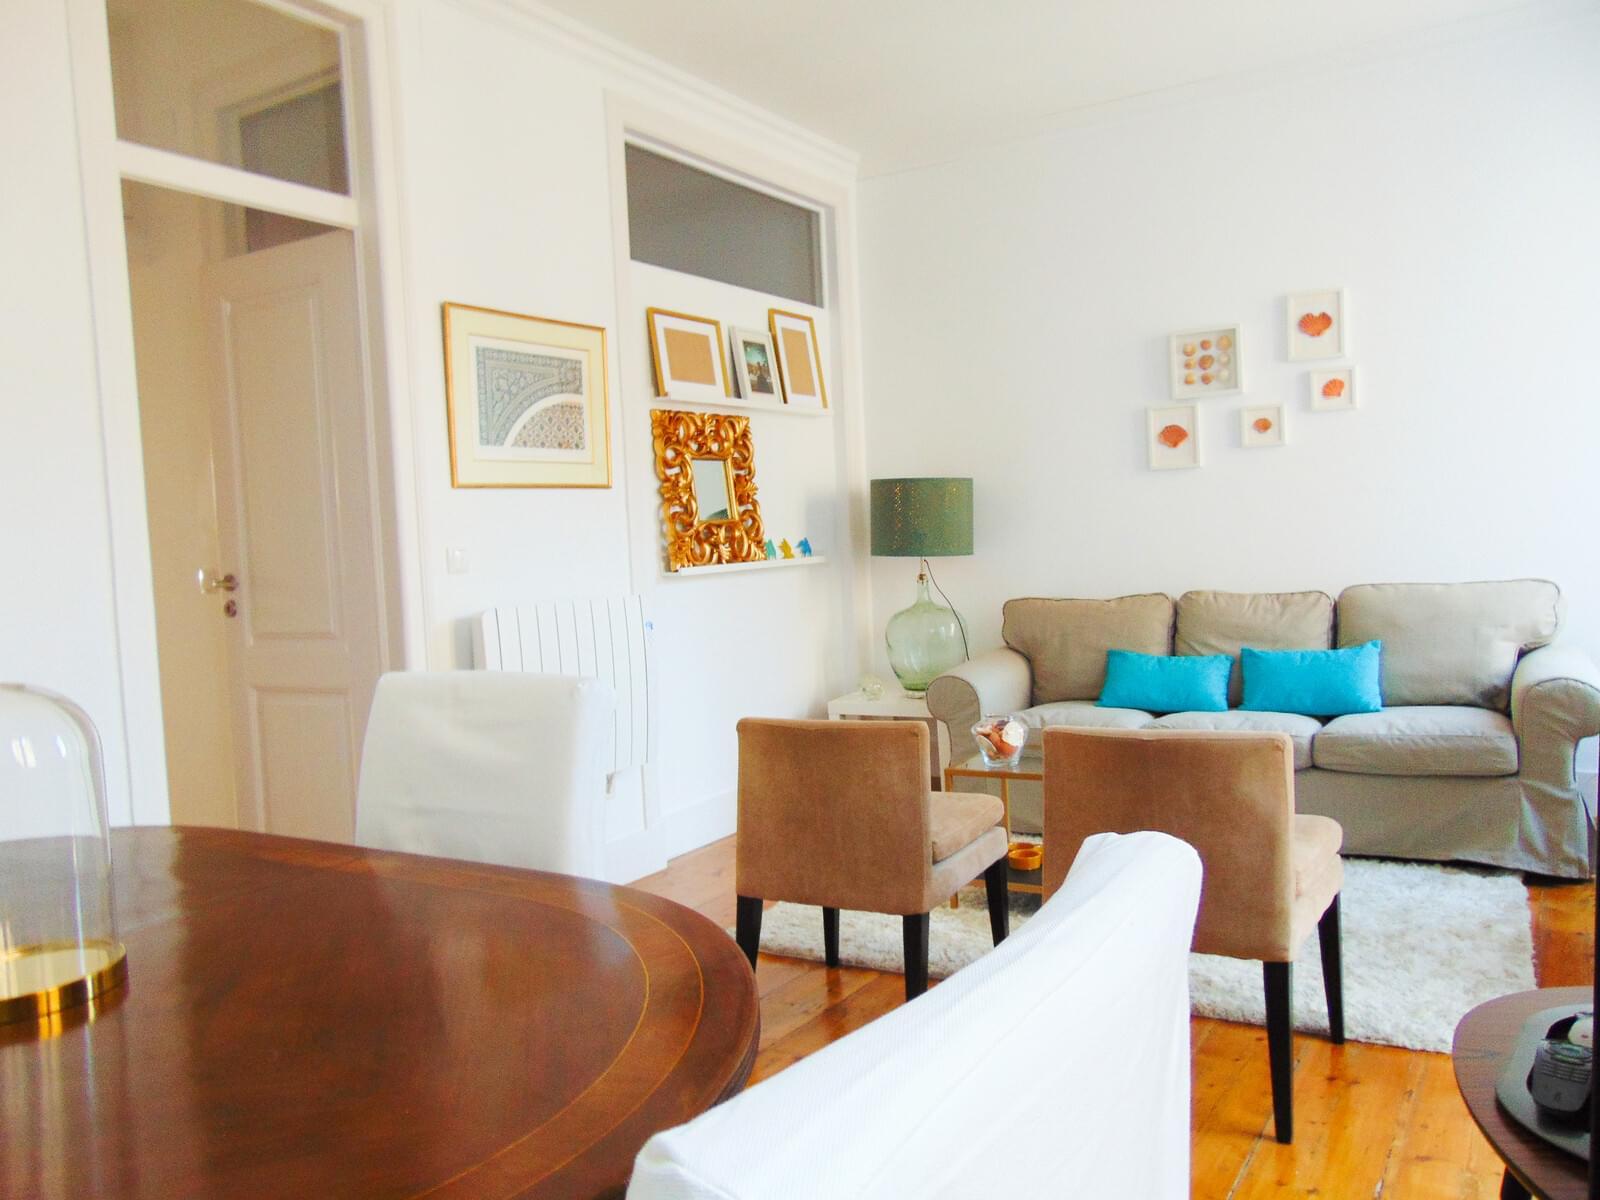 pf18269-apartamento-t1-lisboa-4fb6d78d-d8f1-4526-9a7c-cba6304eb333